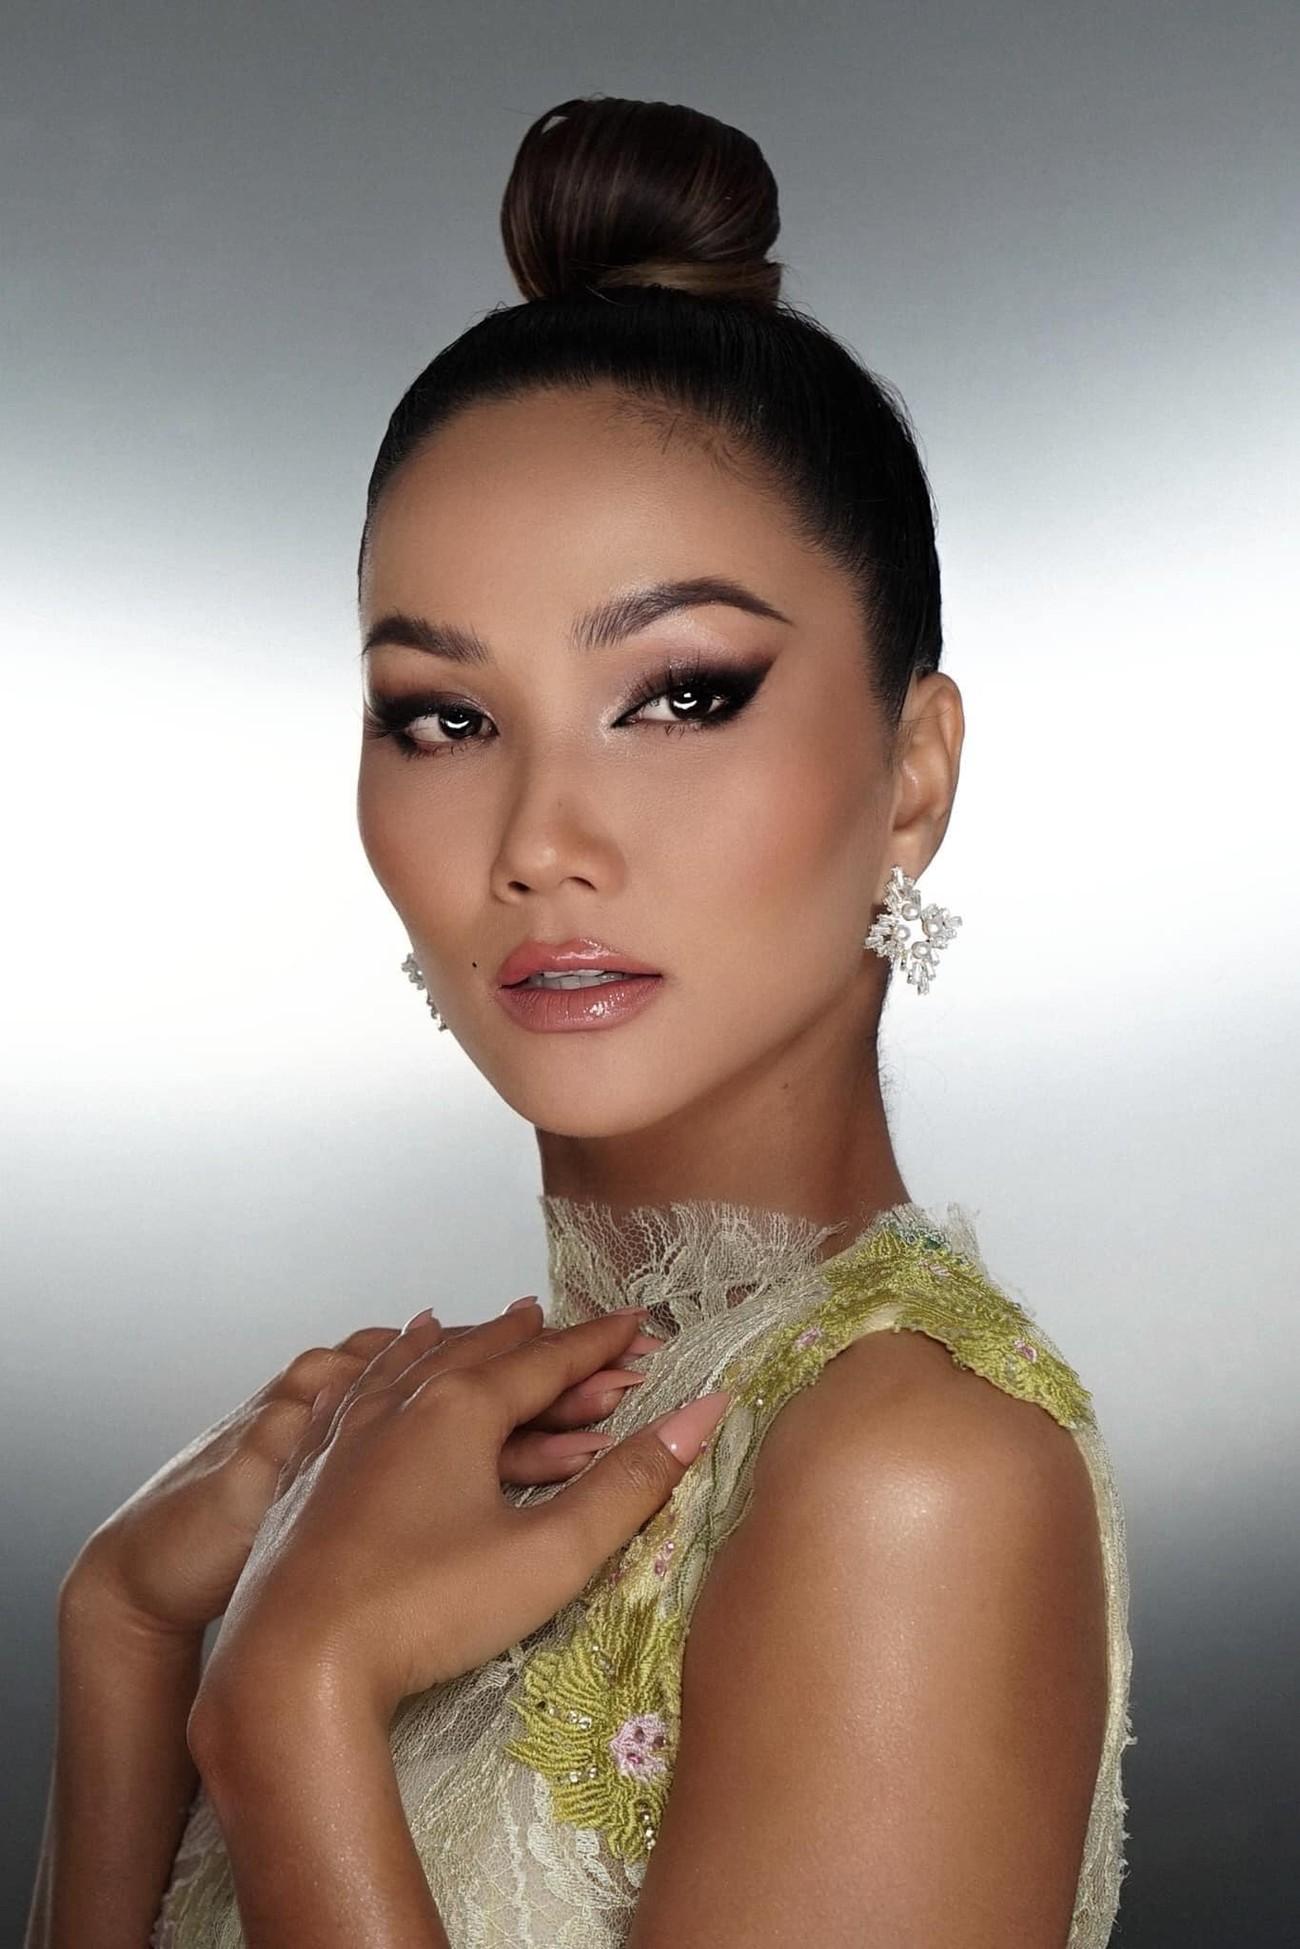 Diện lại sắc vàng từng 'gây bão' ở Miss Universe, H'Hen Niê đẹp rạng rỡ như một đóa hồng ảnh 7